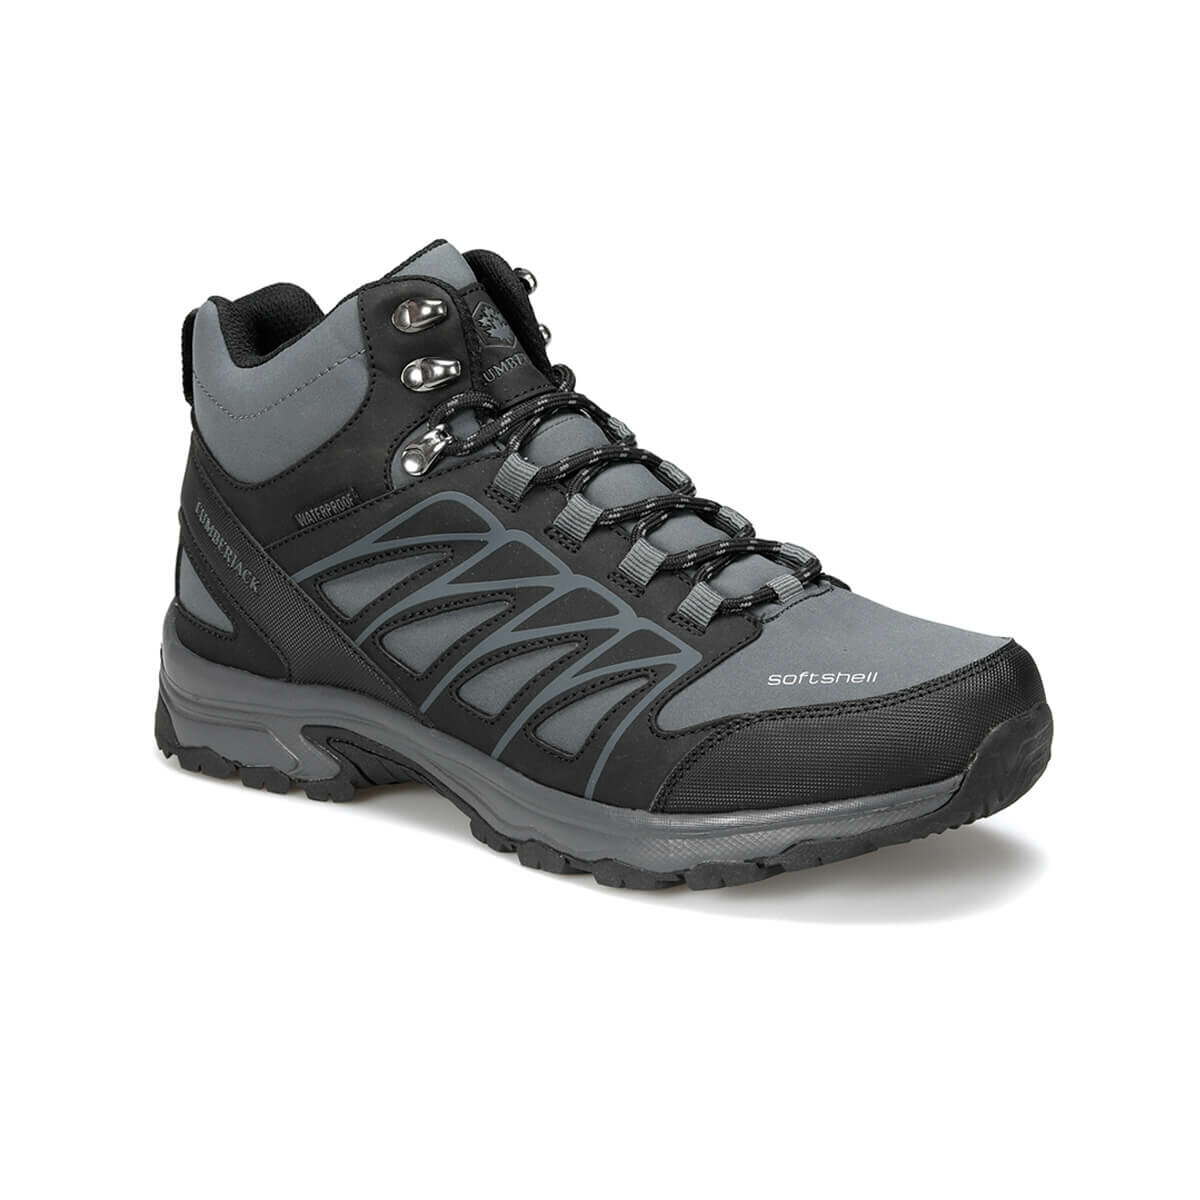 FLO STORM HI 9PR Dark Gray Male Outdoor Boots LUMBERJACK